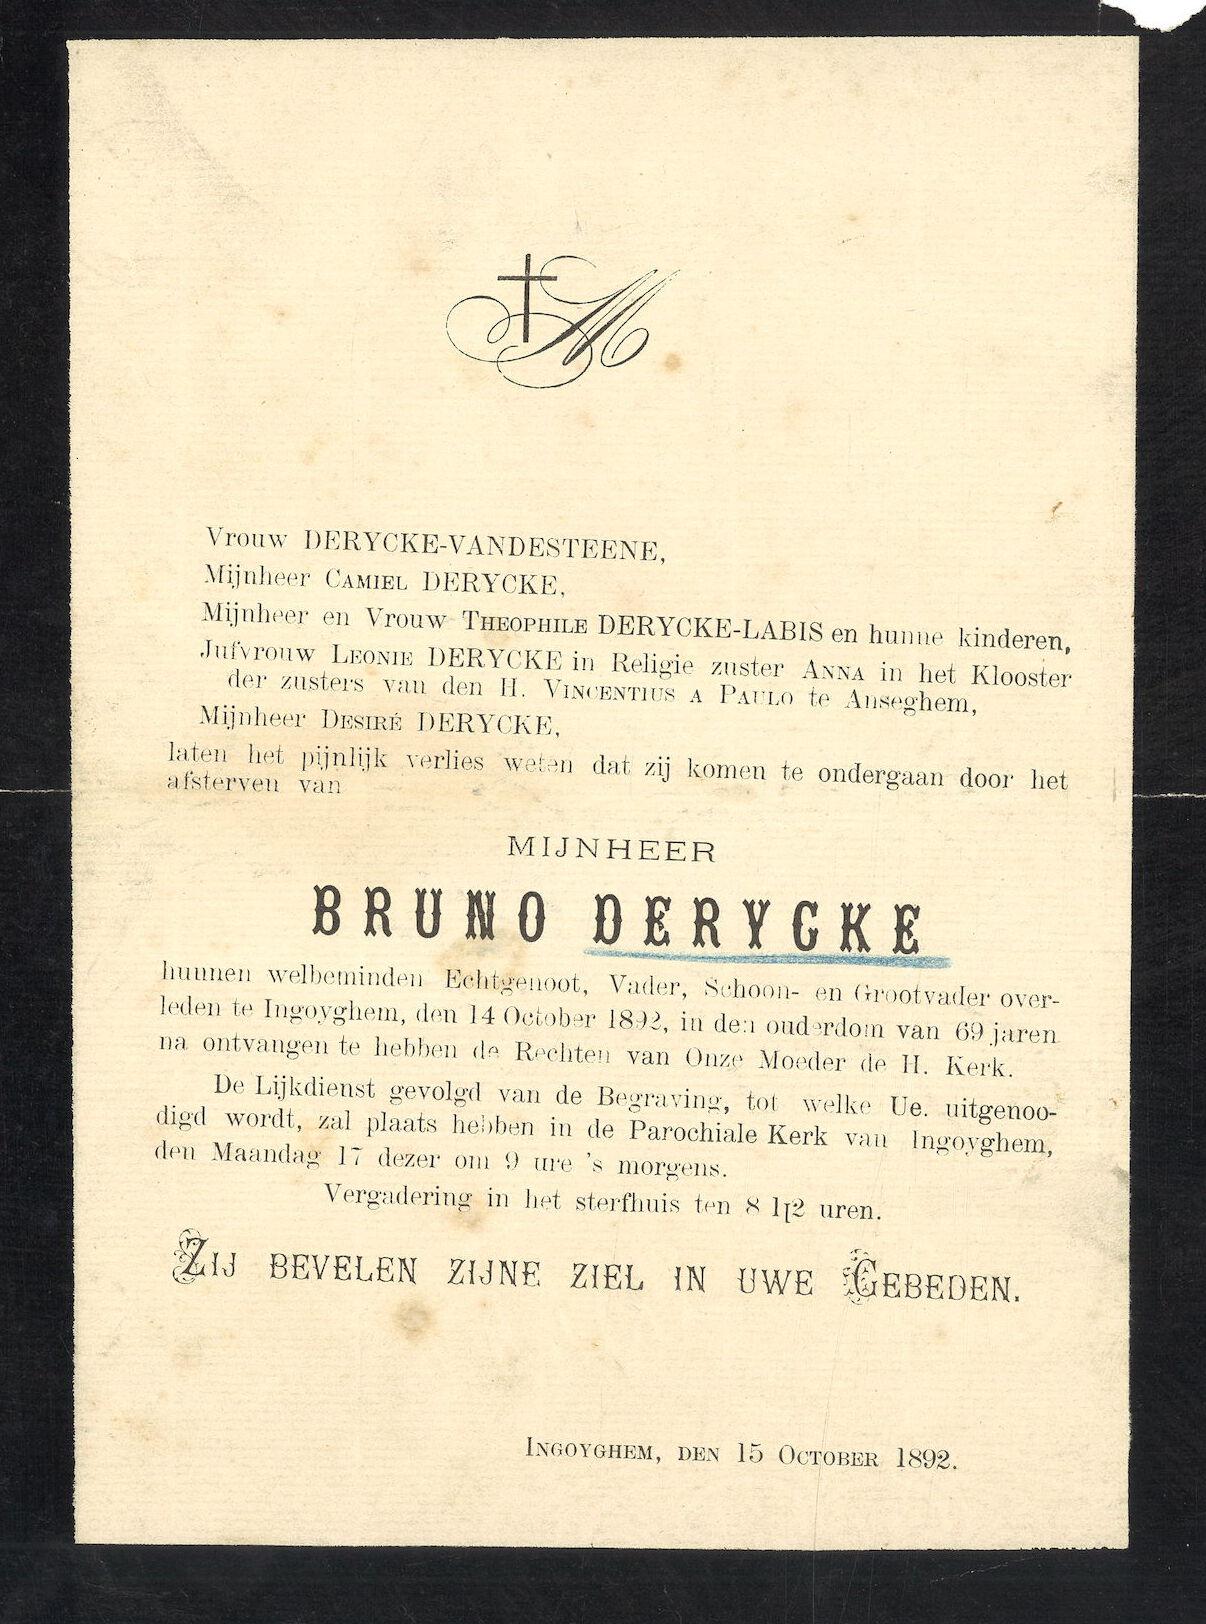 Bruno Derycke